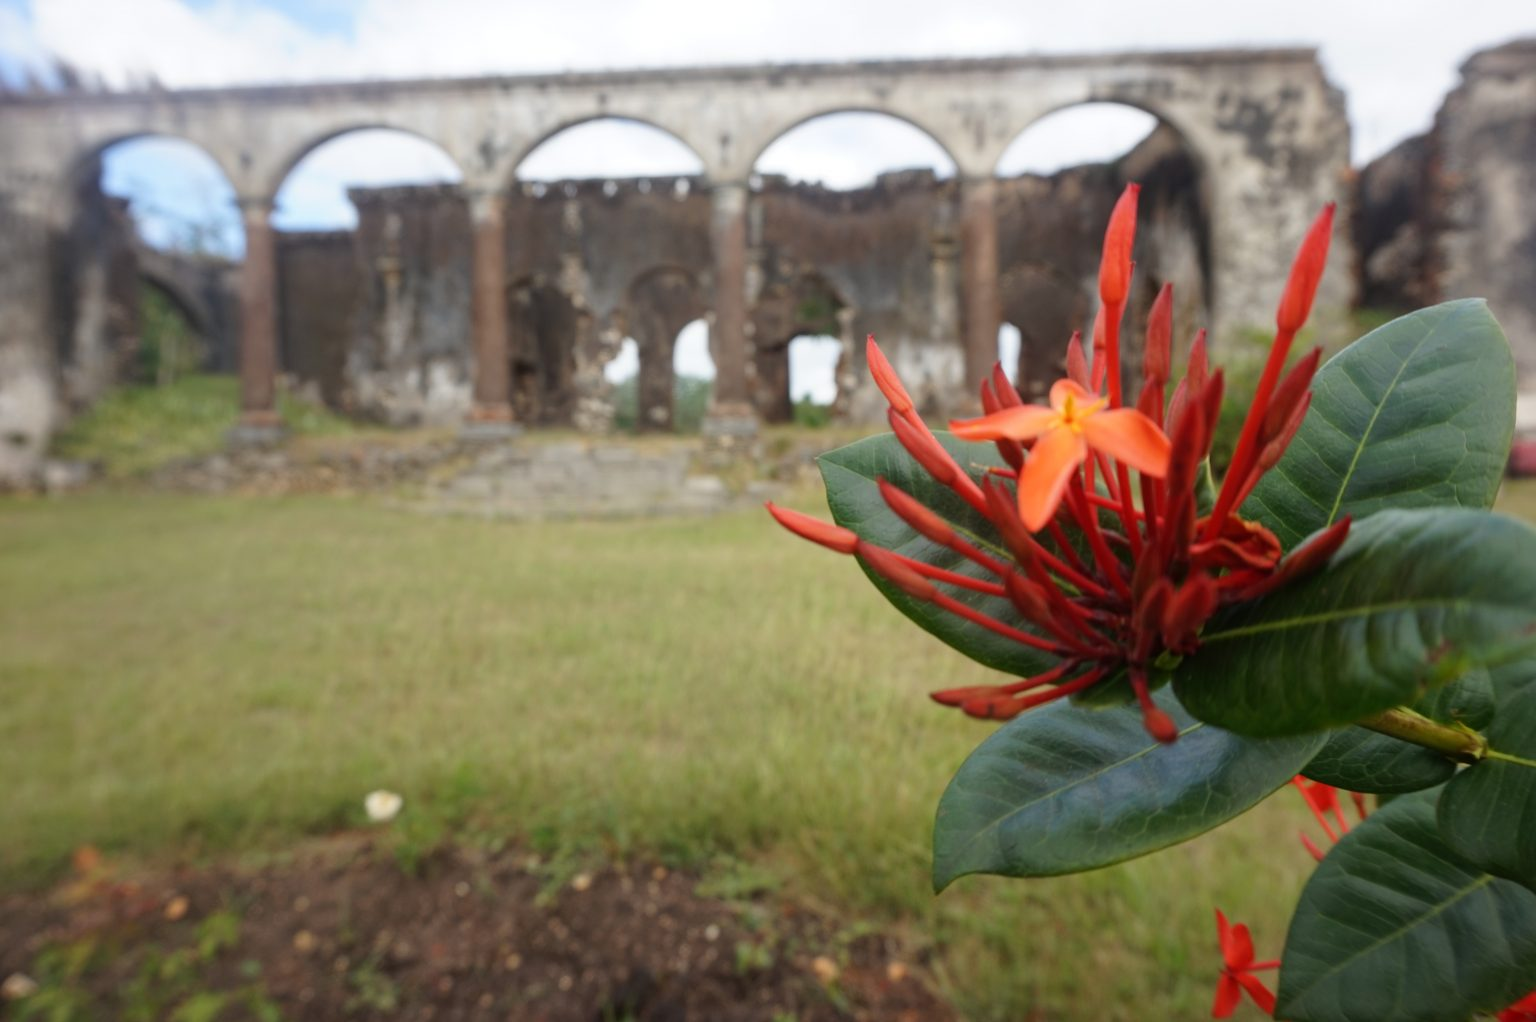 Ruins of rural Cuba